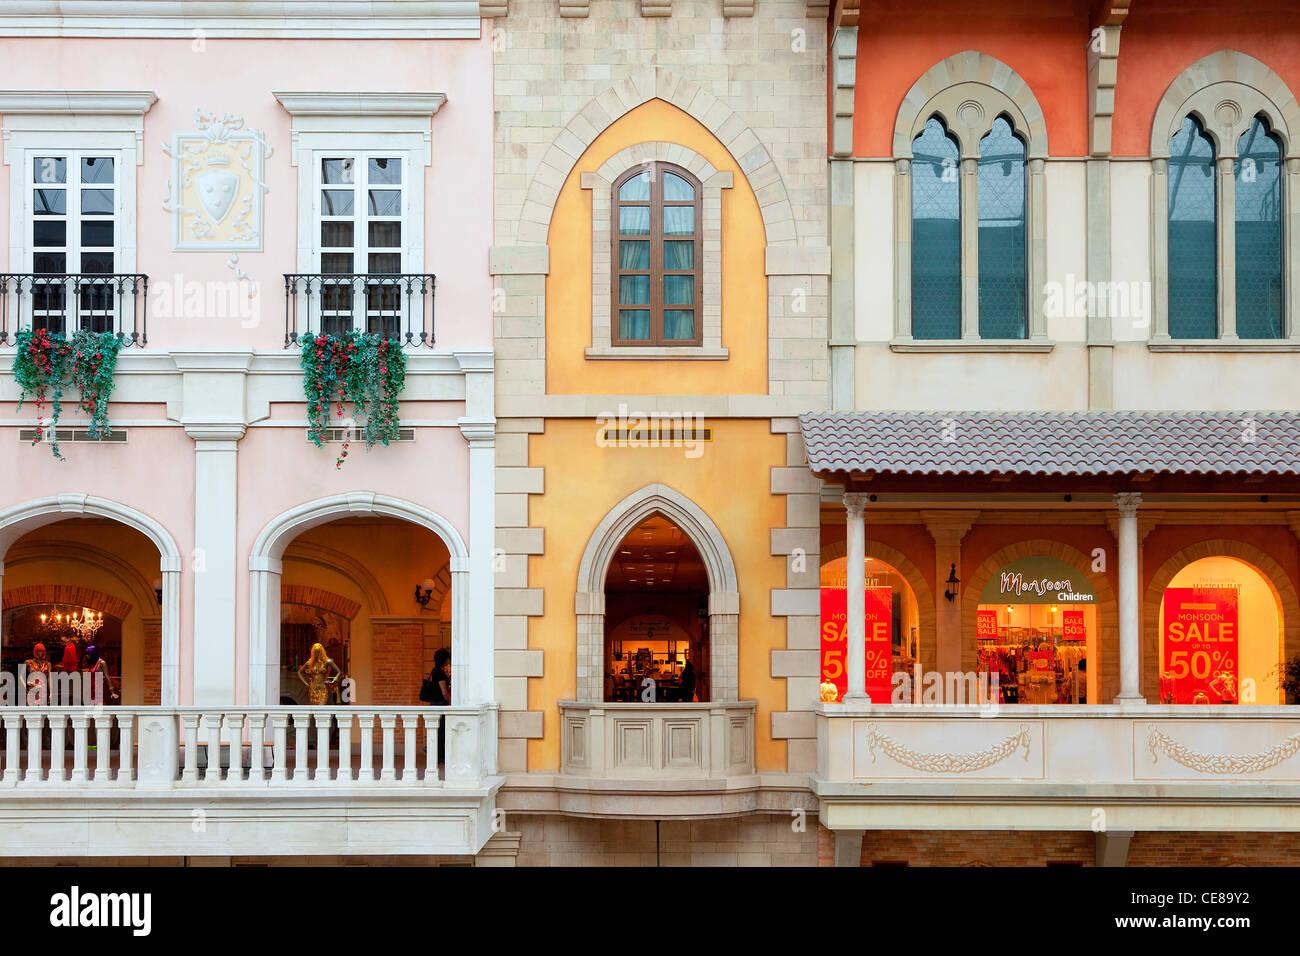 Dubai, Jumeirah, Mercato Shopping Mall - Stock Image